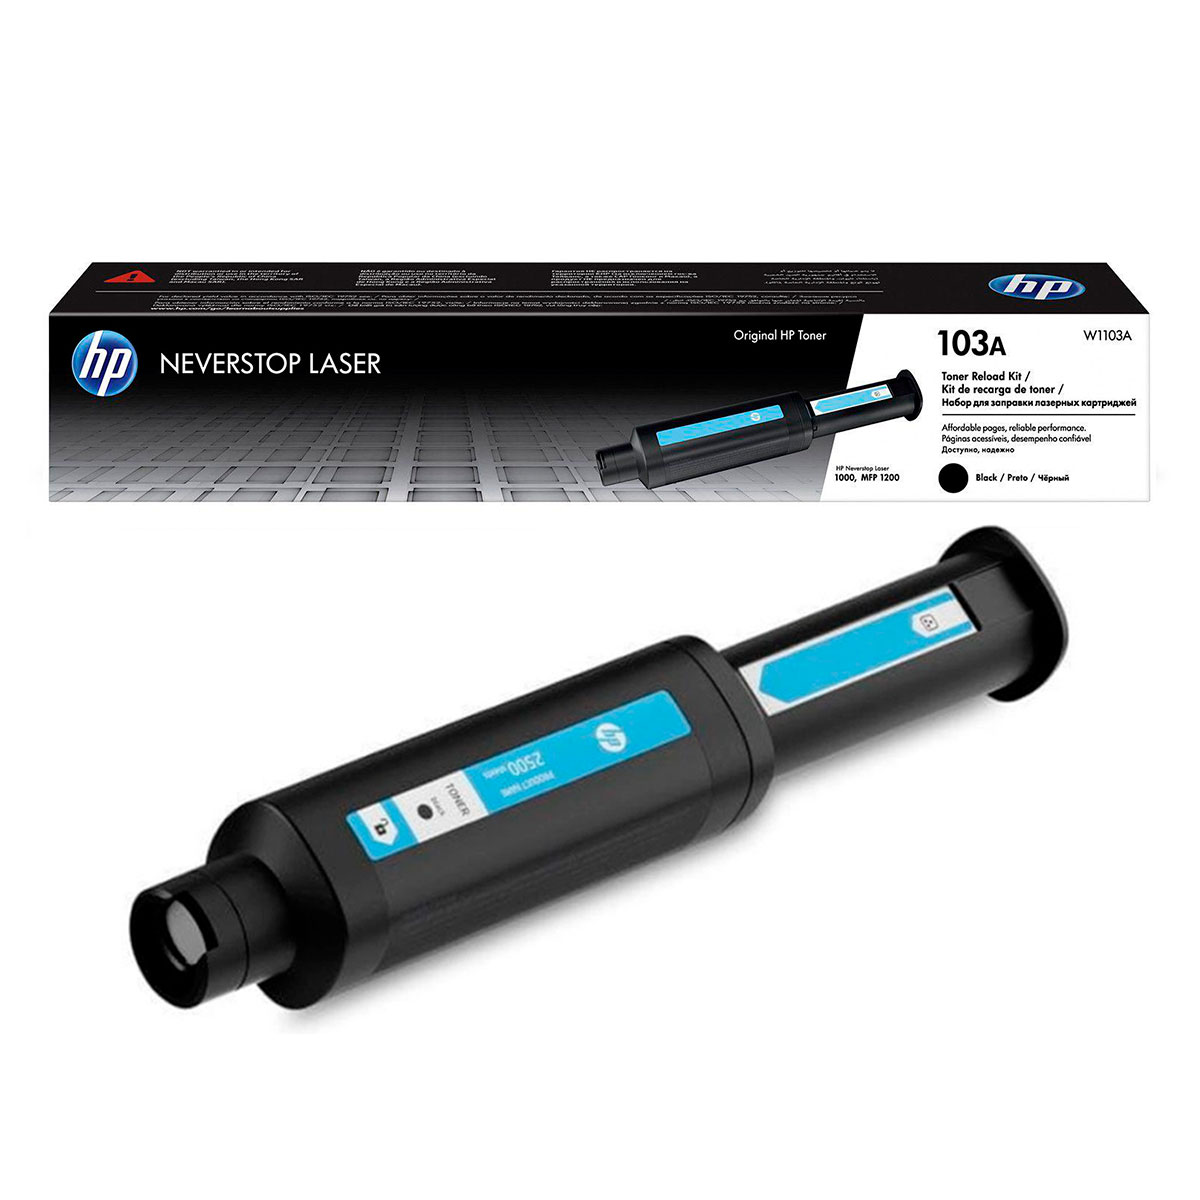 Kit de Recarga Toner HP 103A W1103A, P/ Impressora Neverstop (1000W/ MFP1200A), 2500 Páginas, Preto